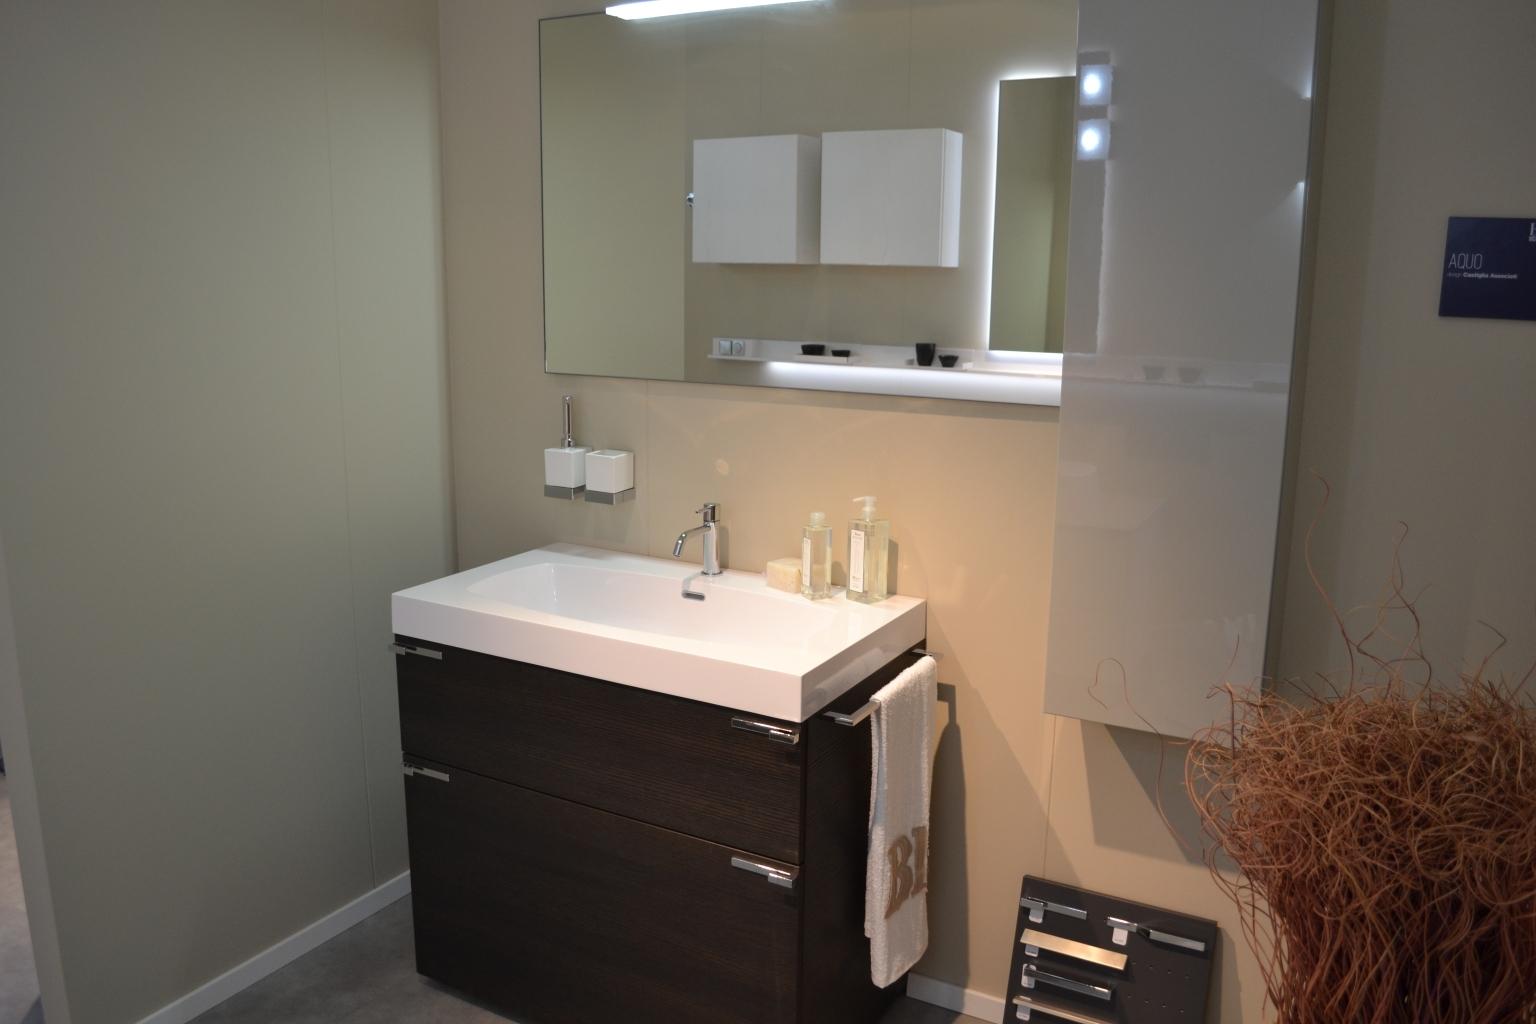 Scavolini bathrooms aquo scontato del 50 arredo bagno - Scavolini bagno prezzi ...